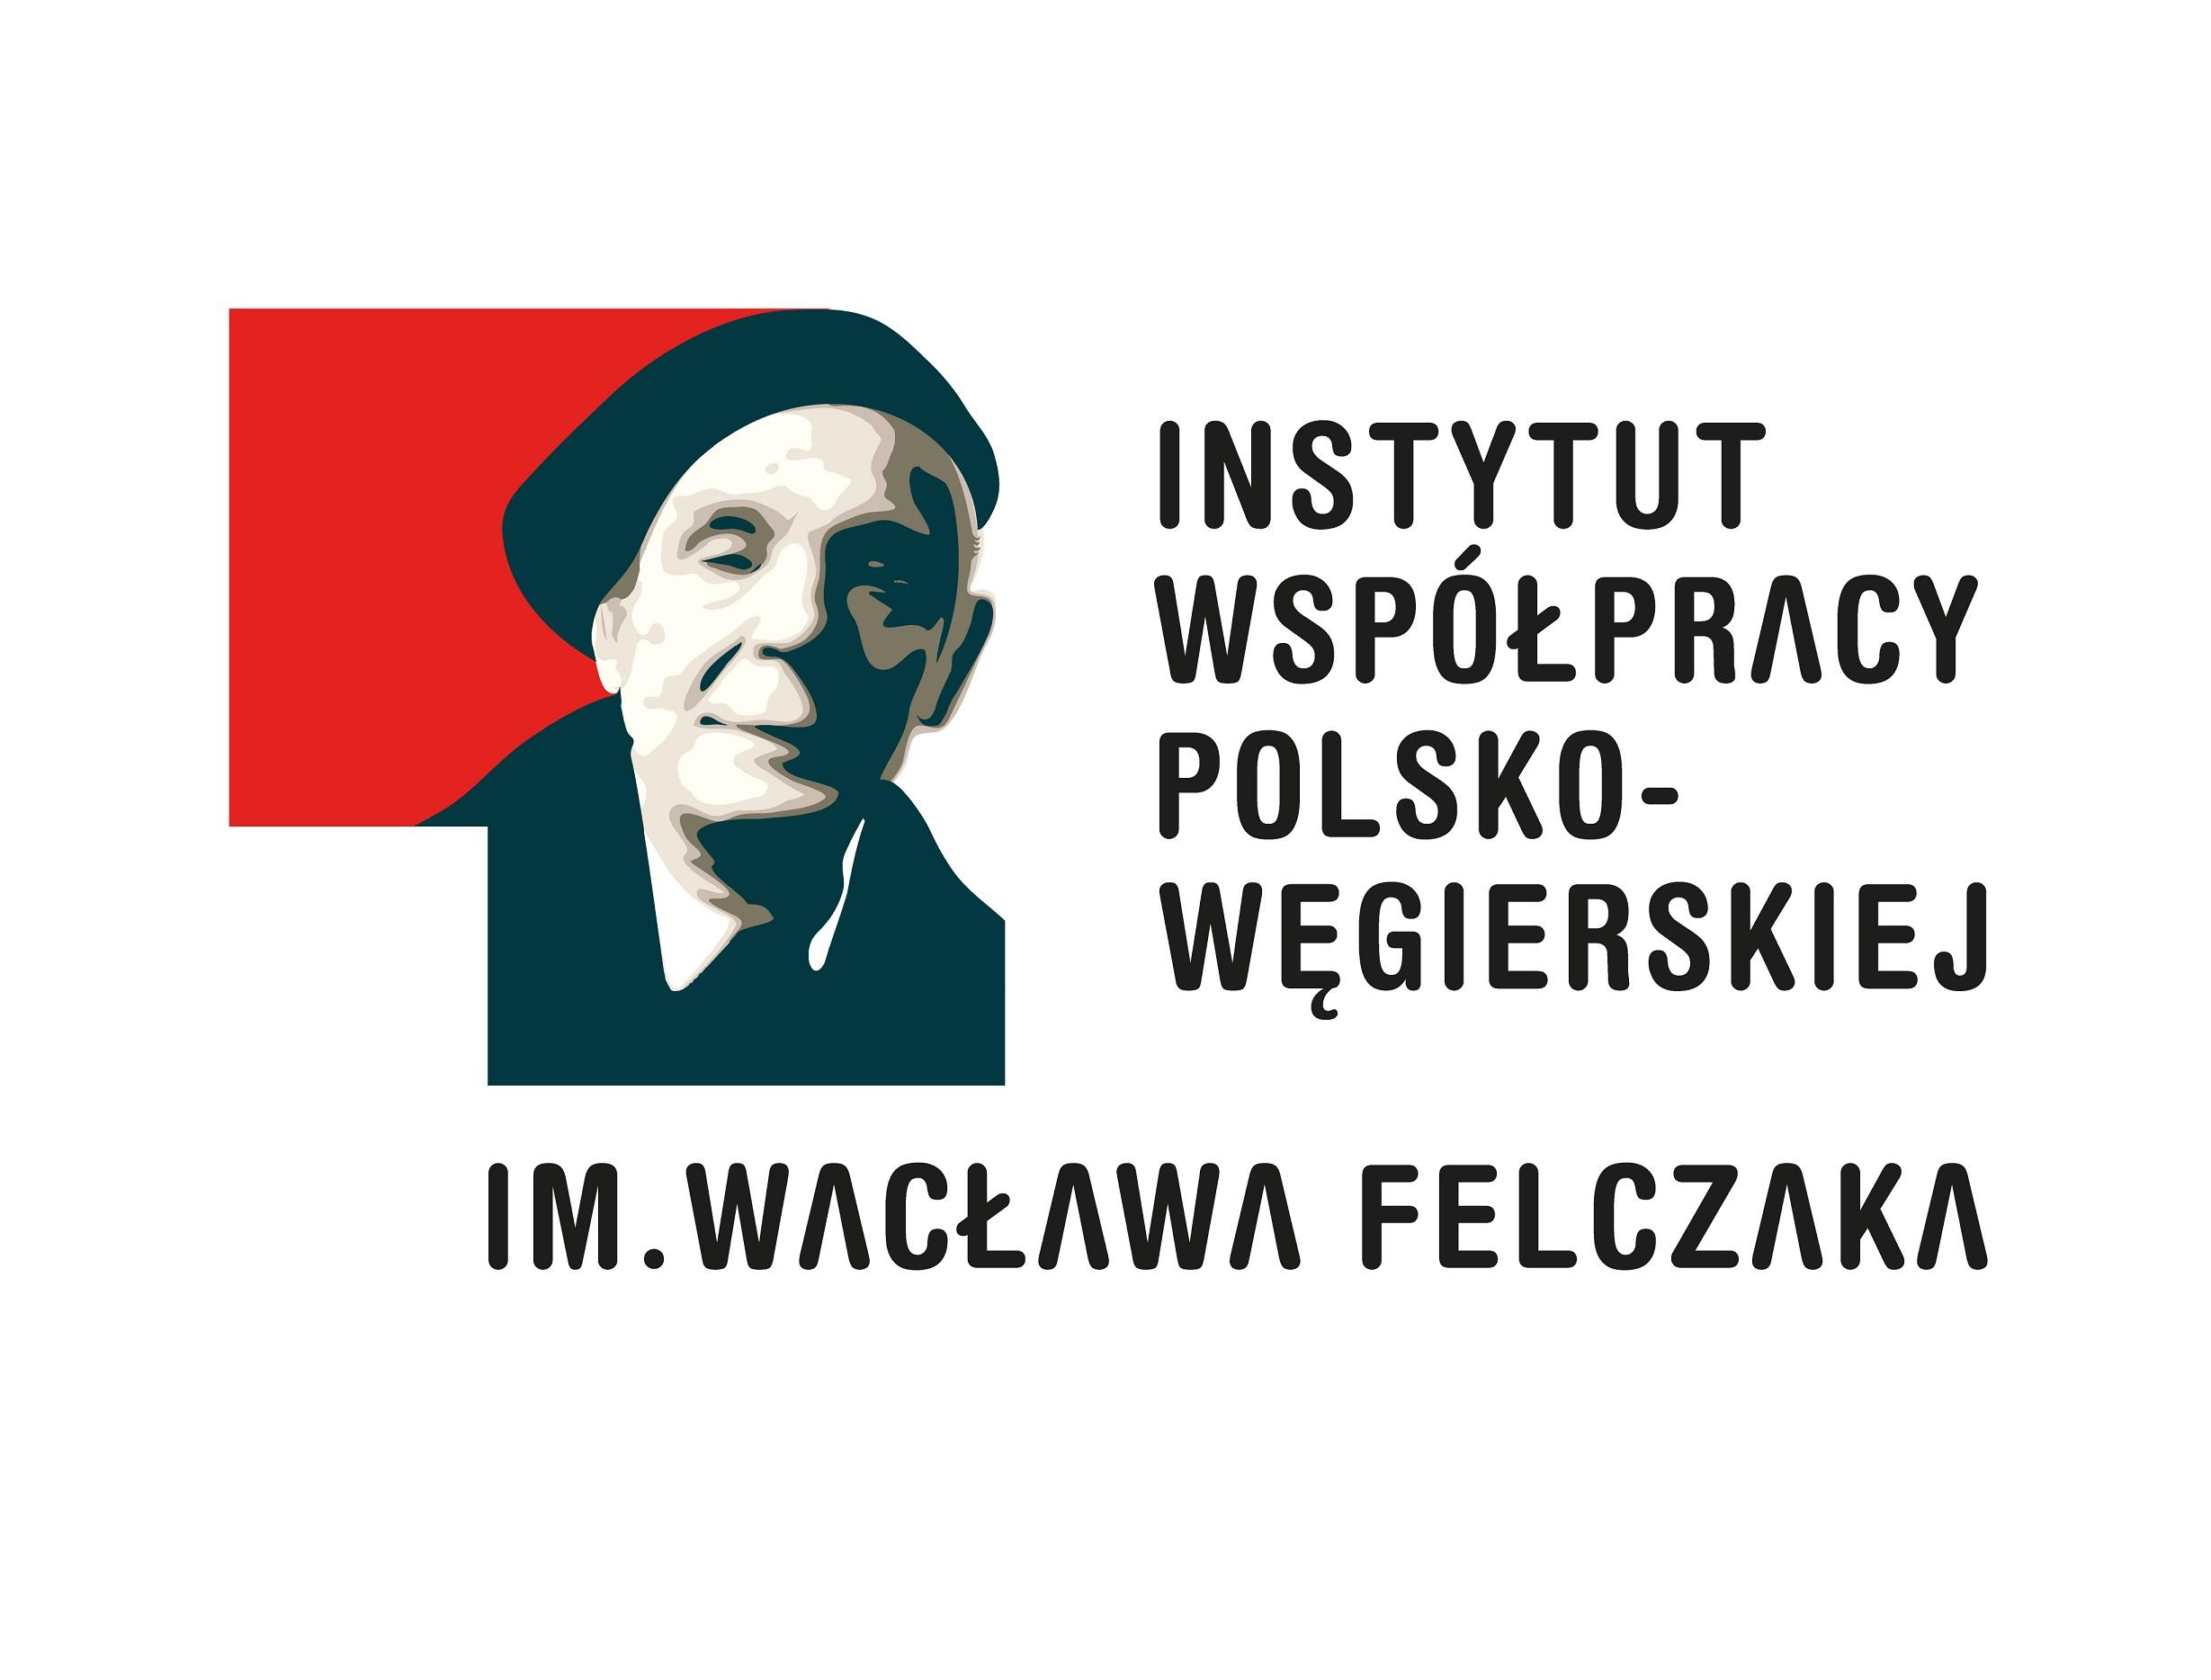 Instytut Współpracy Polsko-Węgierskiej im. Wacława Felczaka